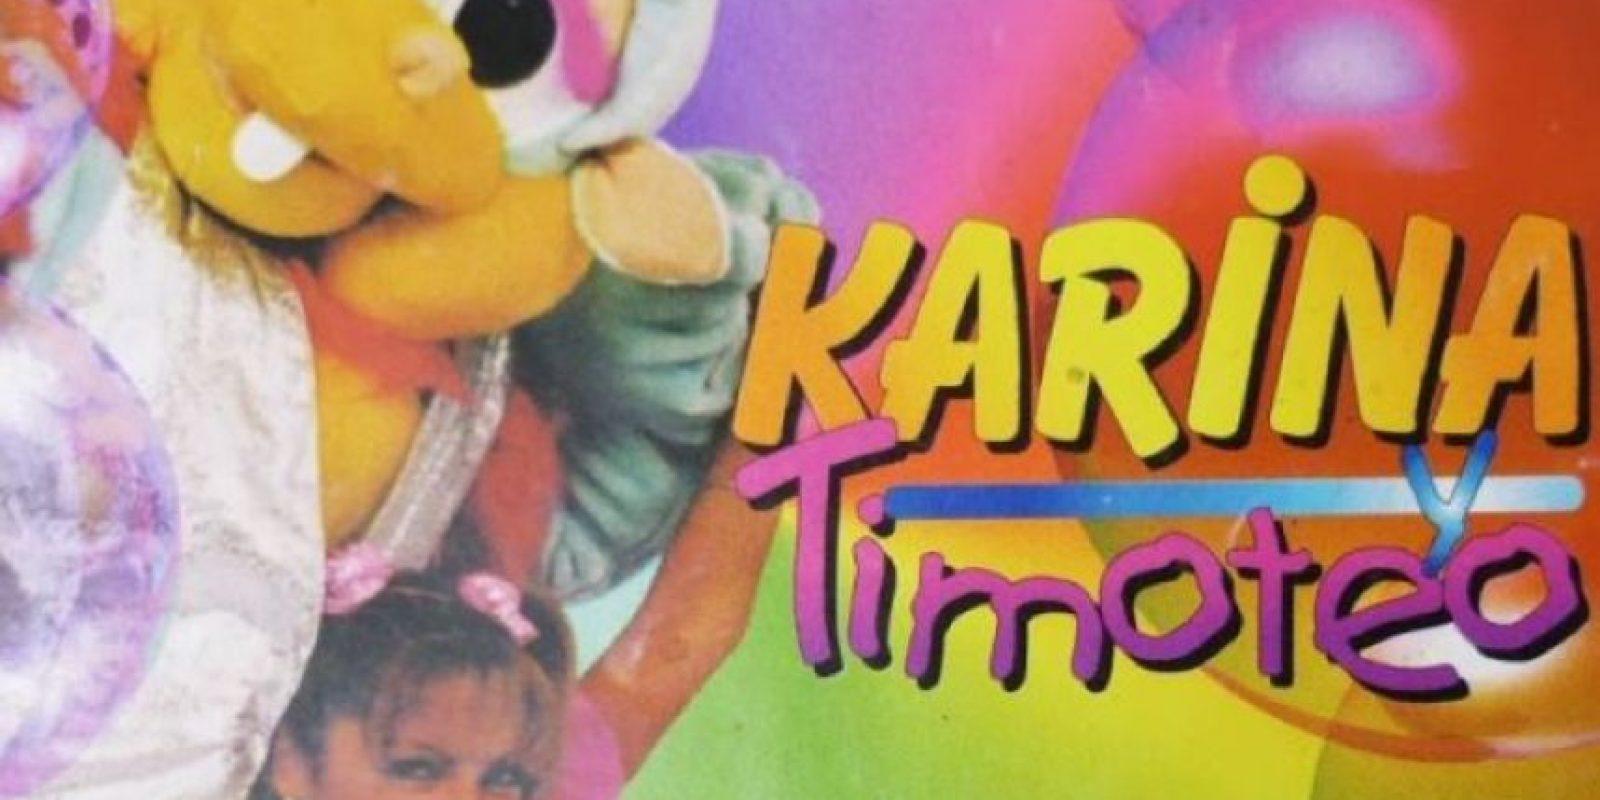 """""""Karina y Timoteo"""" comenzó a transmitirse en 1995 y finalizó en 1999. Fue uno de los programas más exitosos de la televisión peruana y se transmitía por cuatro horas. Foto:vía América TV"""